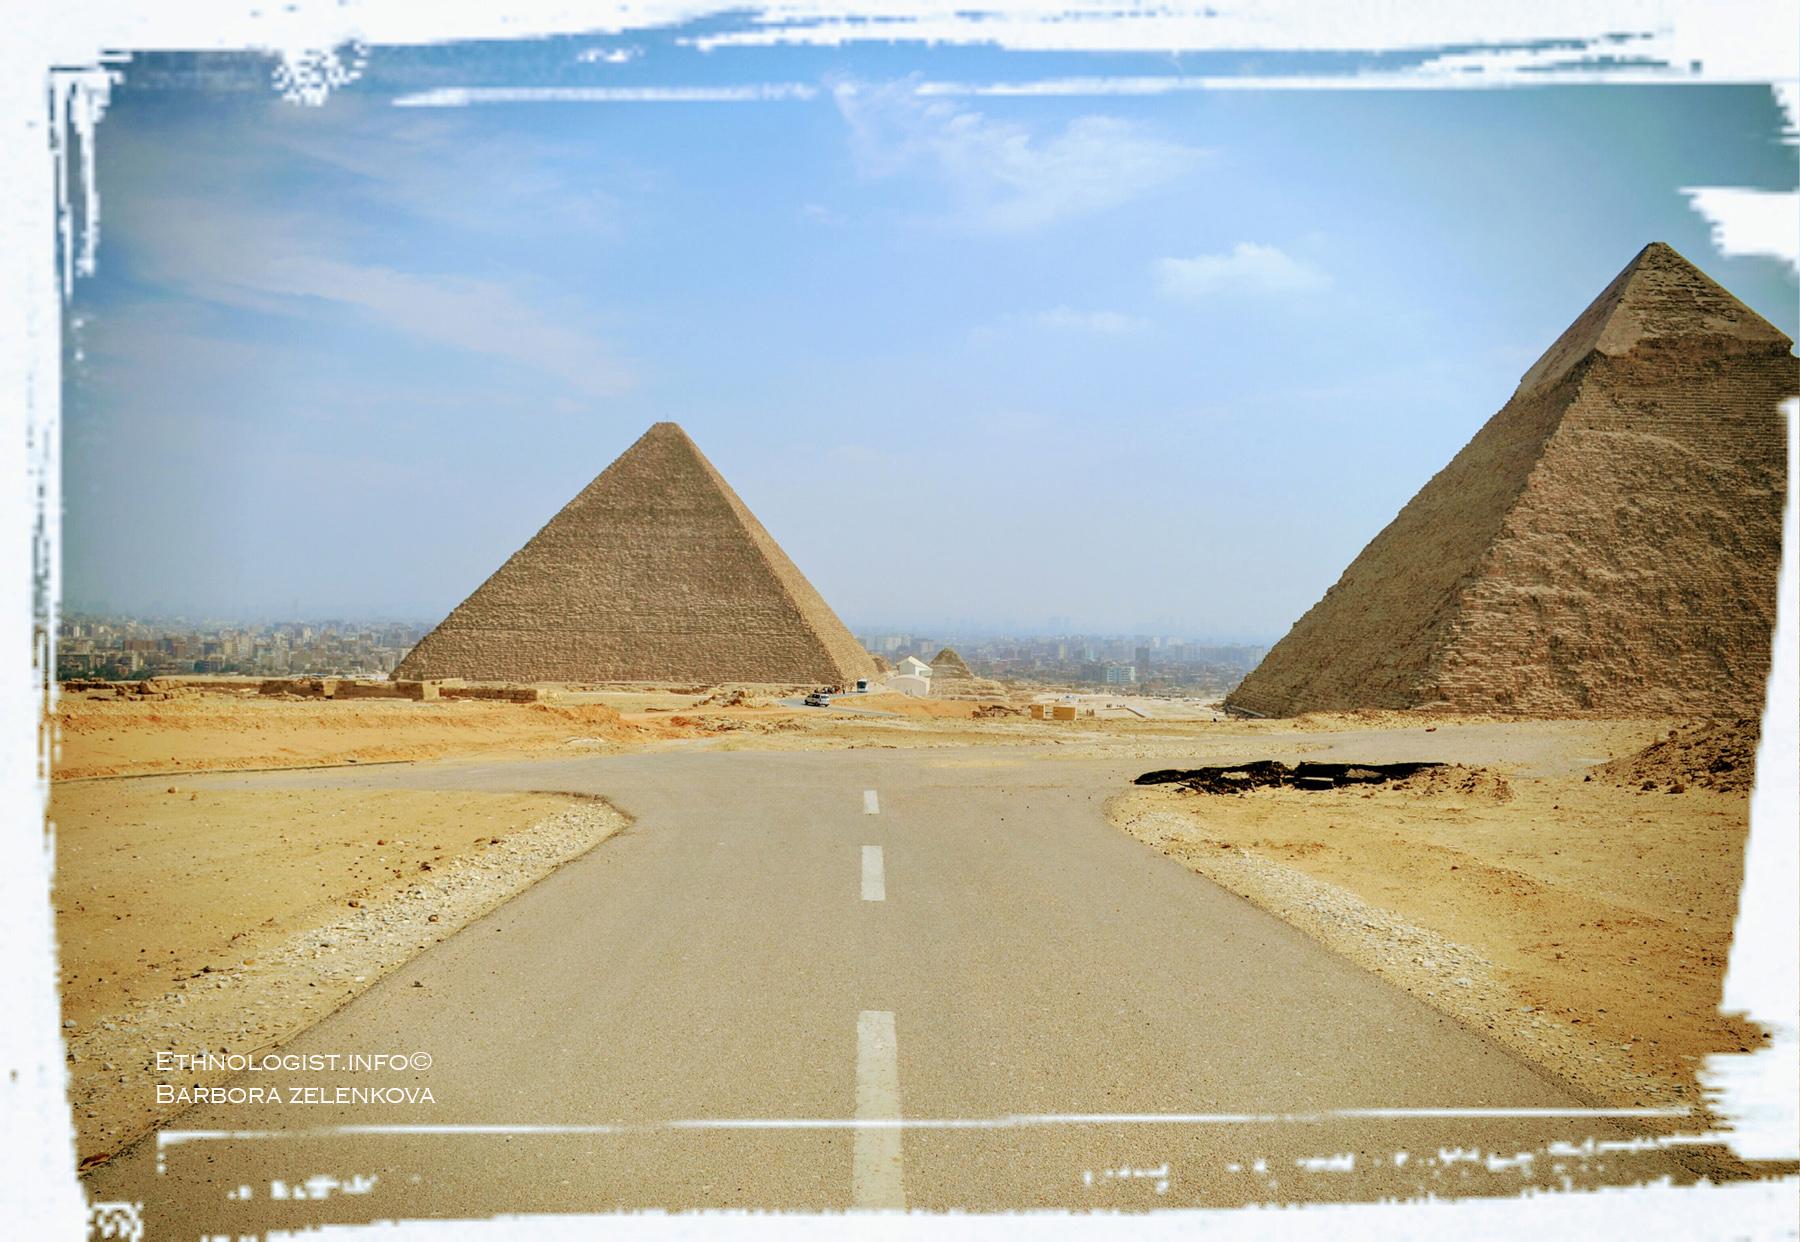 Jiný pohled na pyramidy v Gíze ukazuje hustou zástavbu, jež je obklopuje. Foto: Barbora Zelenková, 2011.